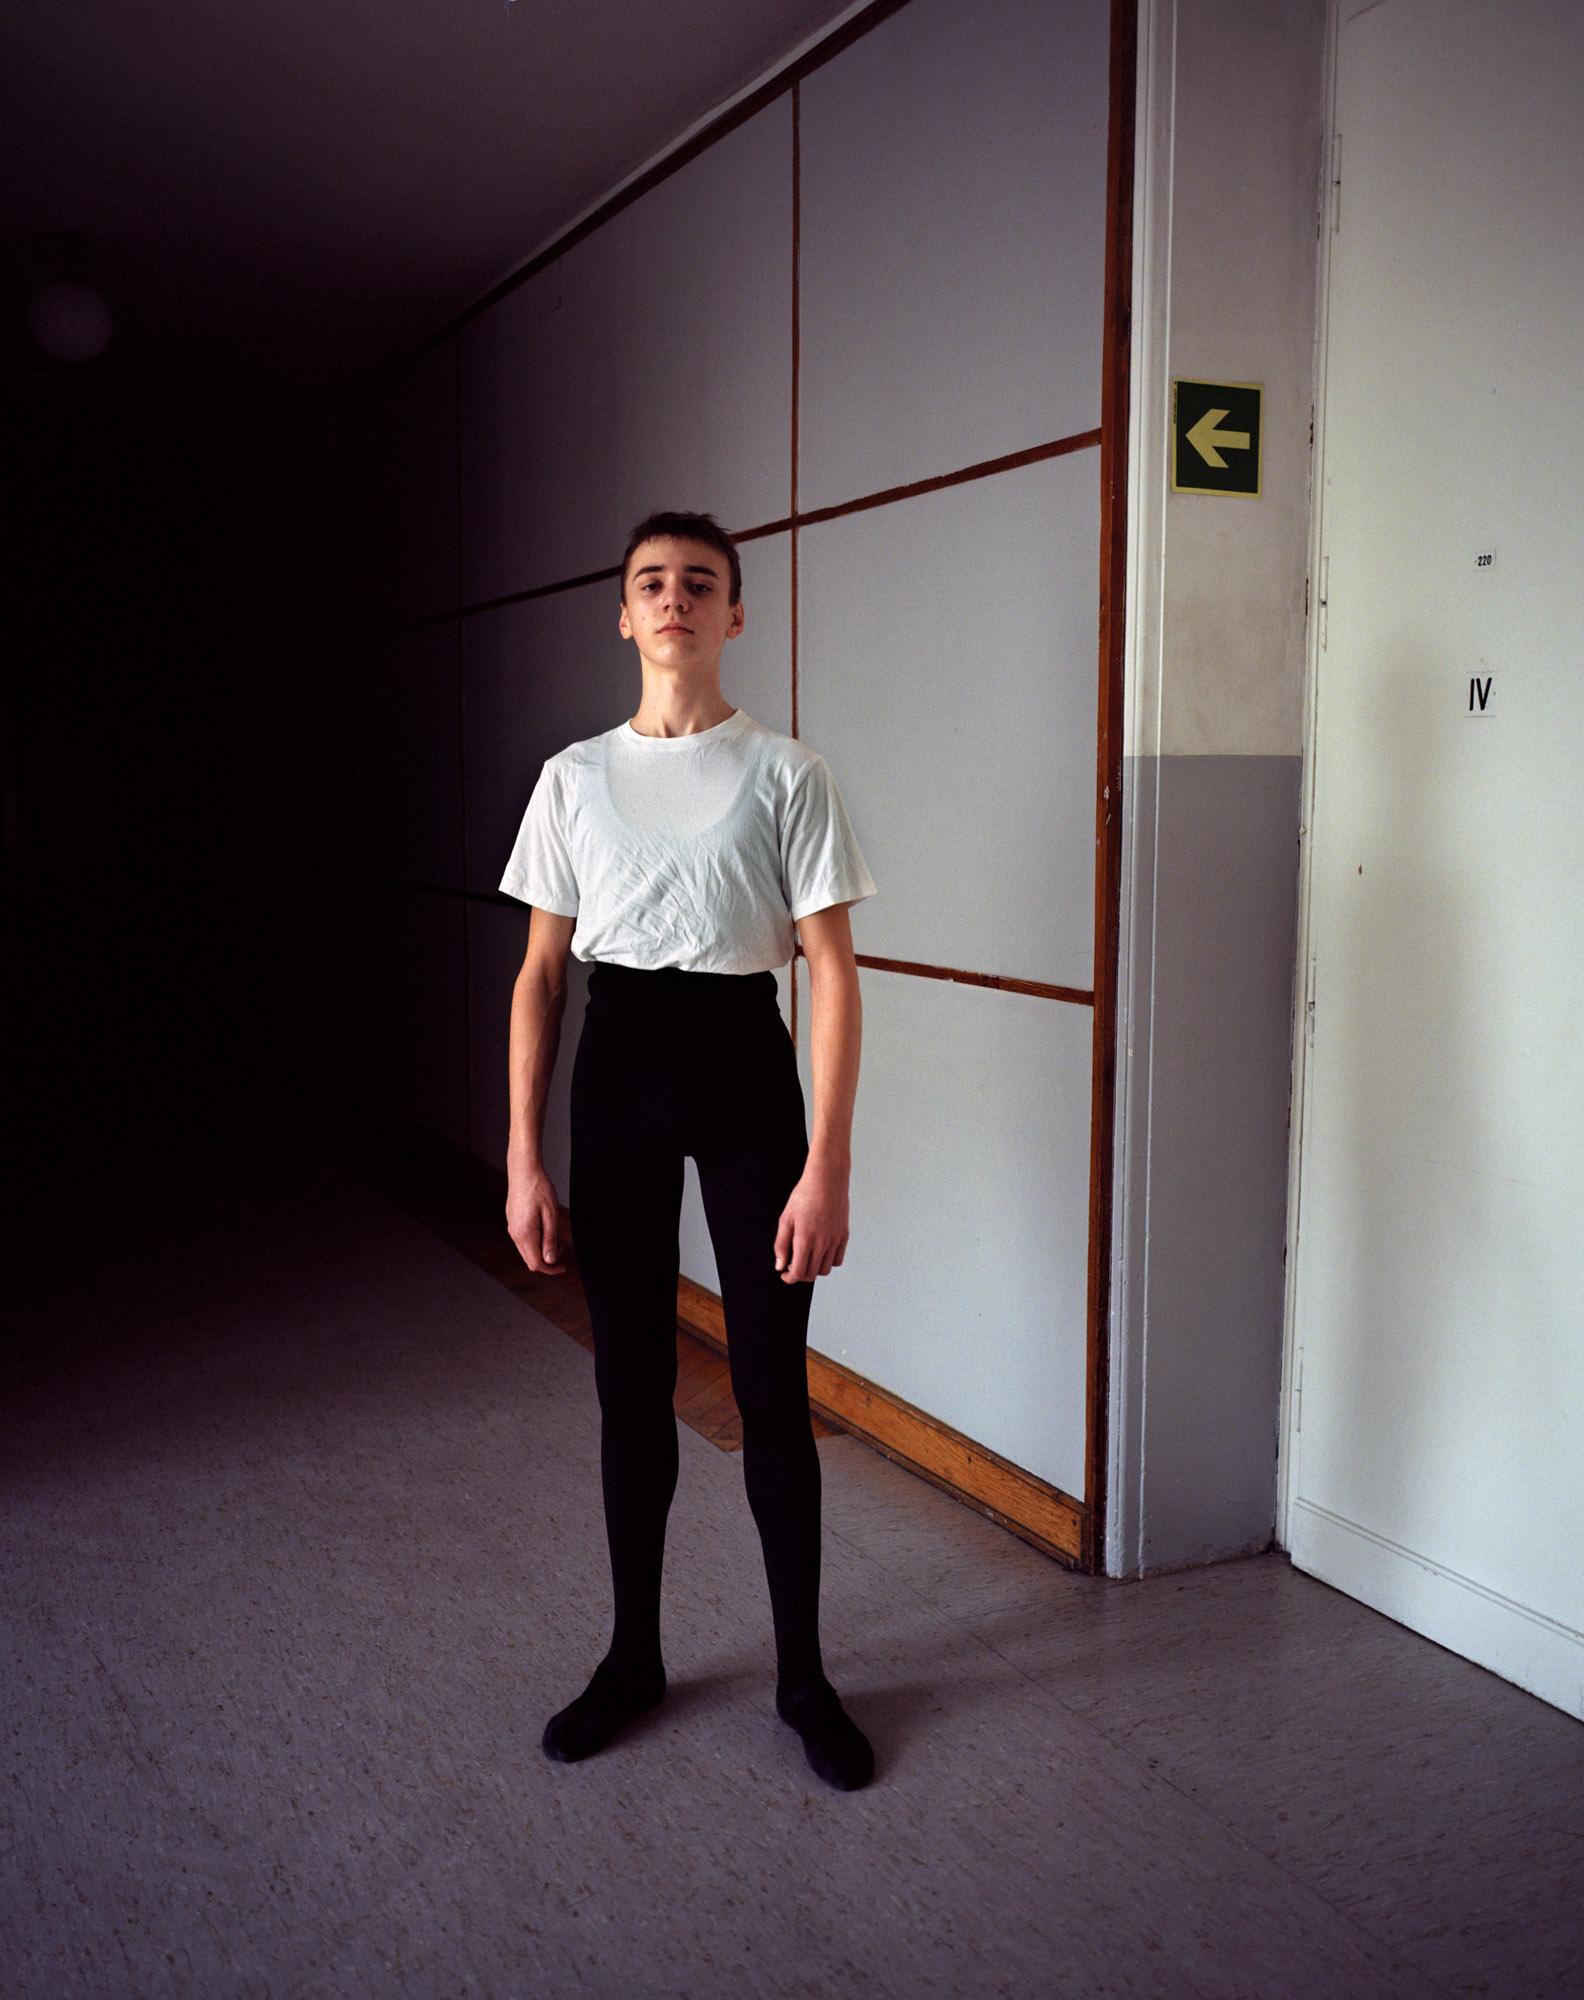 Pawel, Warsaw Ballet School